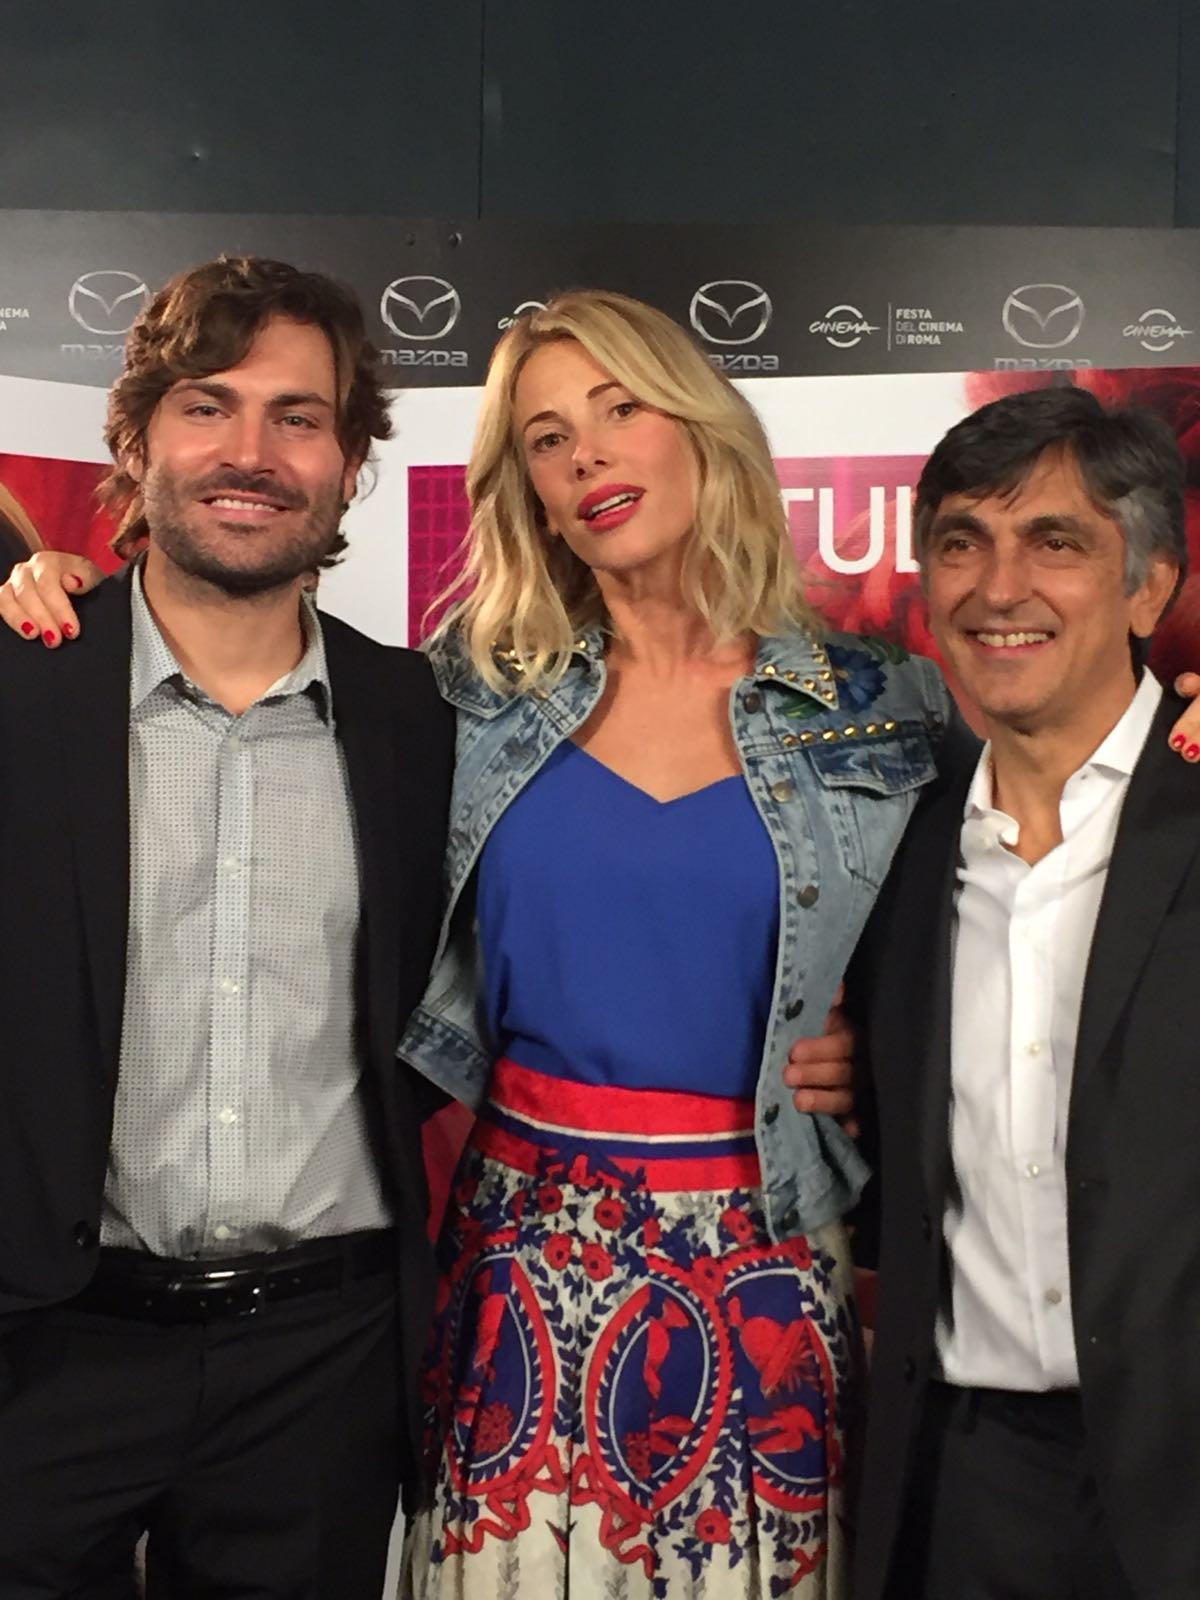 Cicogne in Missione - Festival del Cinema di Roma